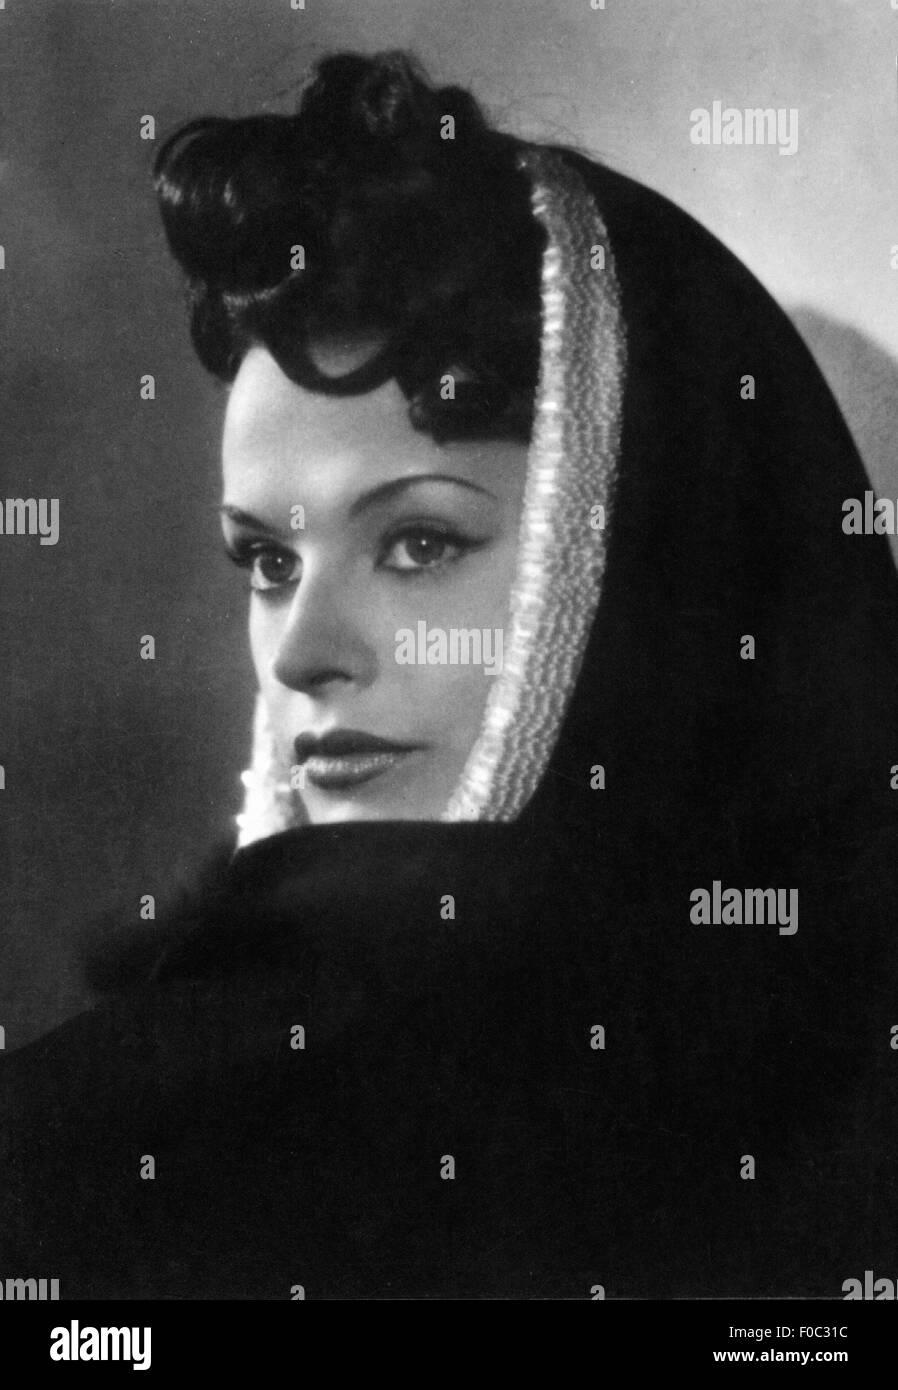 Frisuren Der 40er Jahre Stockfotos Frisuren Der 40er Jahre Bilder